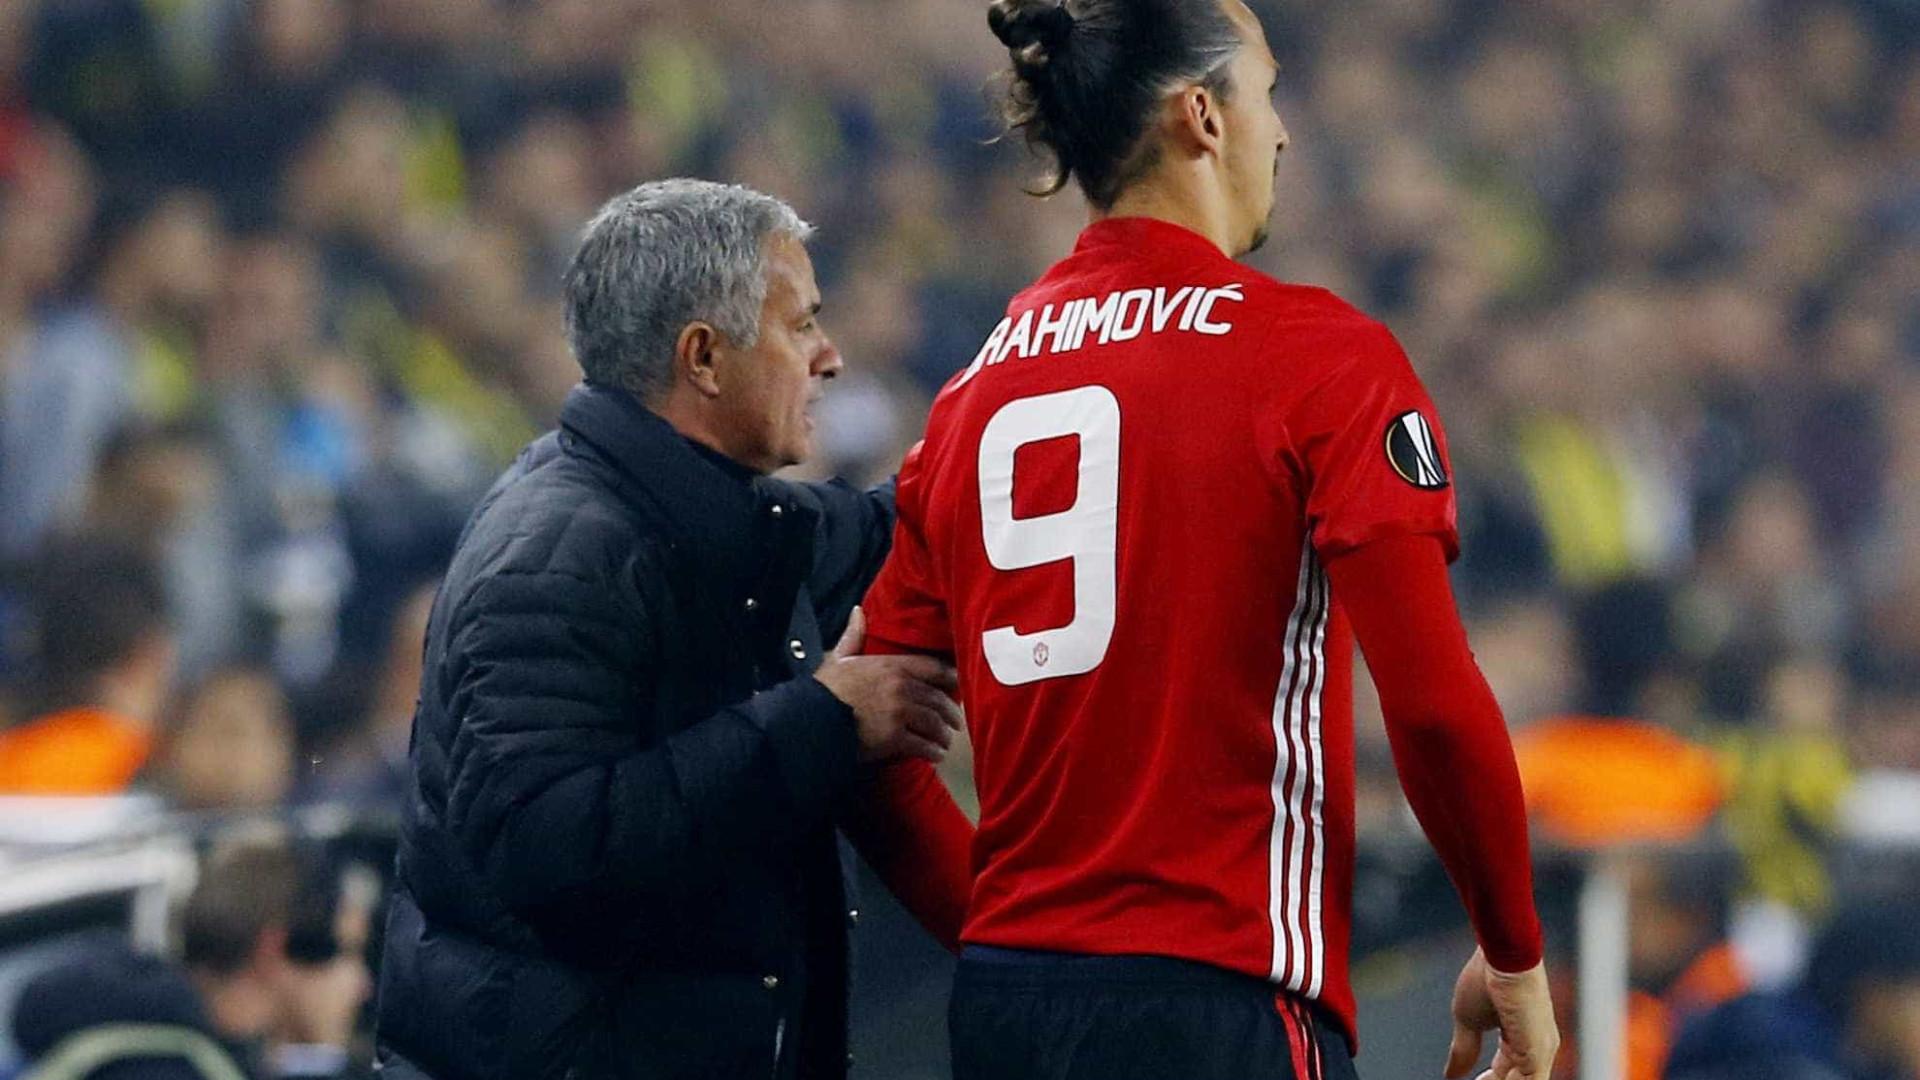 Caso Ibrahimovic saia, José Mourinho já tem substituto à altura